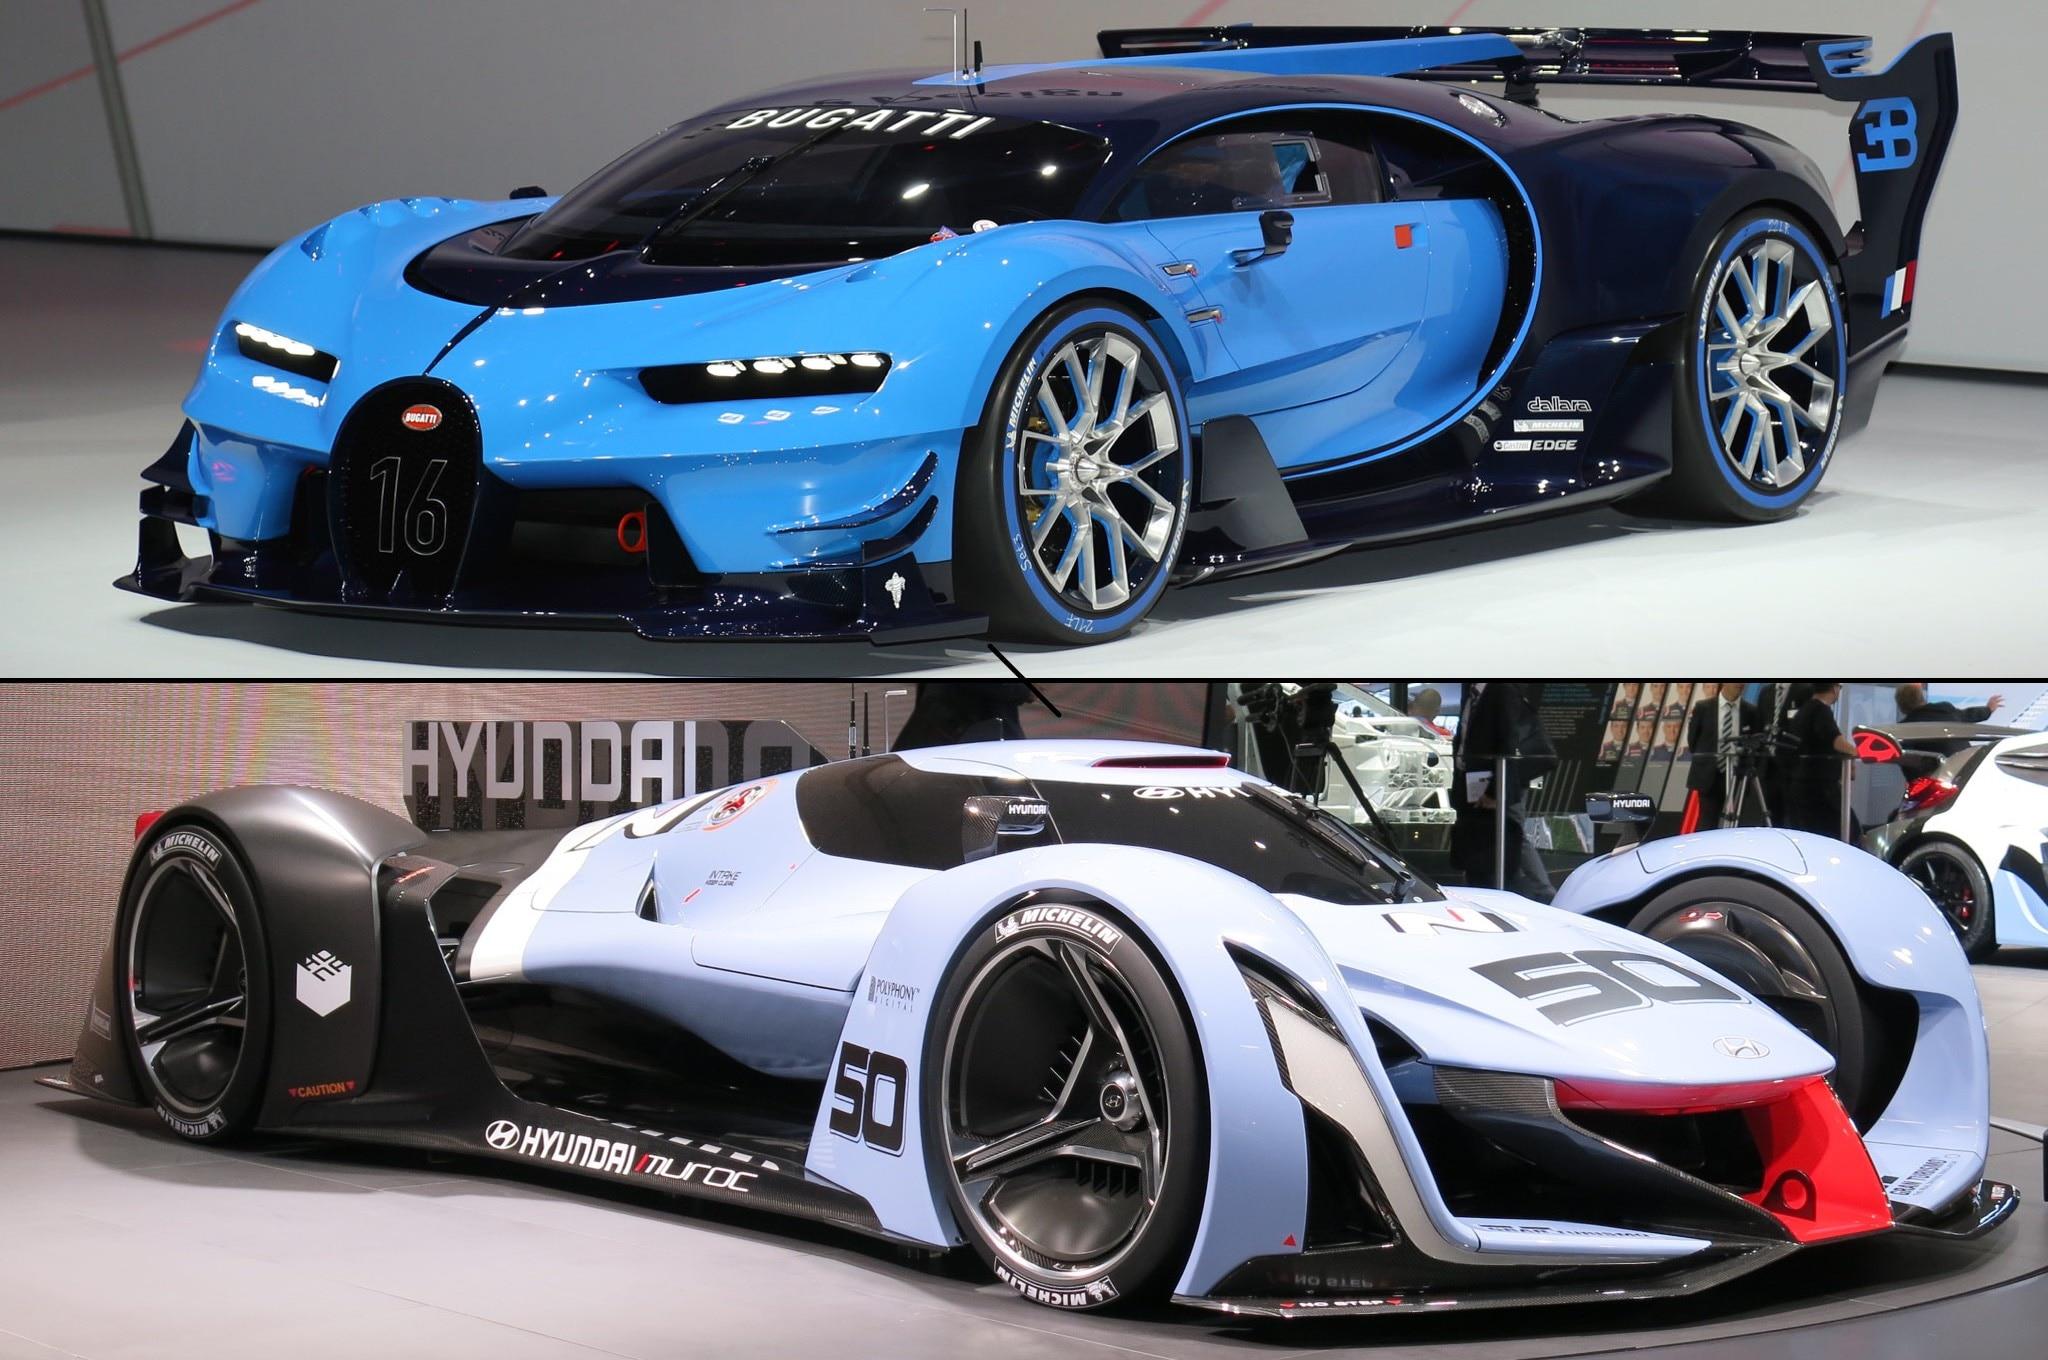 virtual racers compared bugatti hyundai vision gran turismo concepts. Black Bedroom Furniture Sets. Home Design Ideas